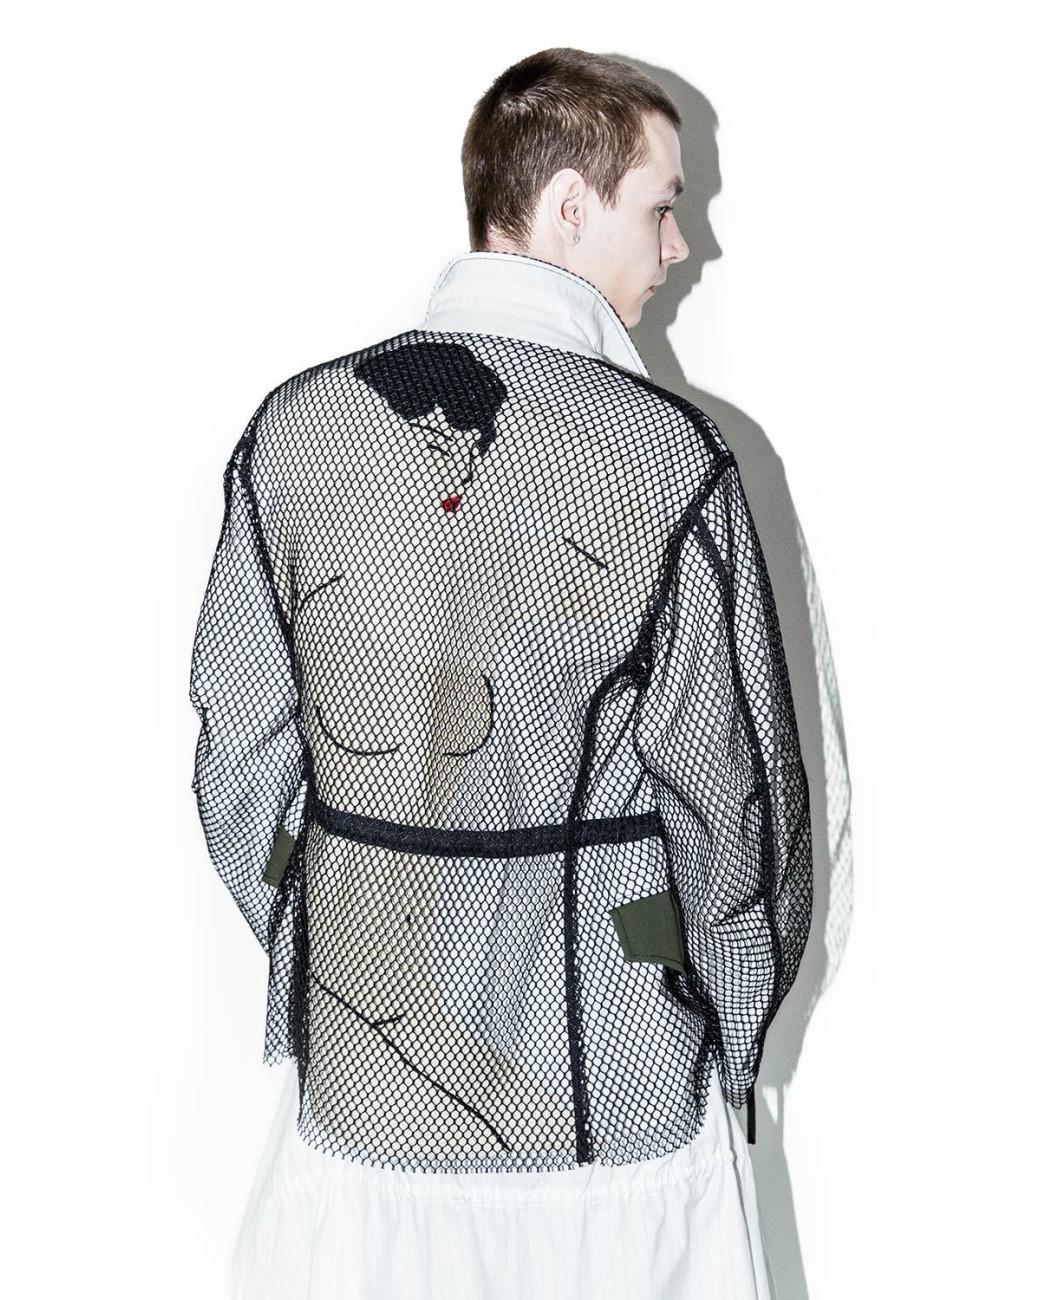 phillilp-lim-white-mesh-field-jacket